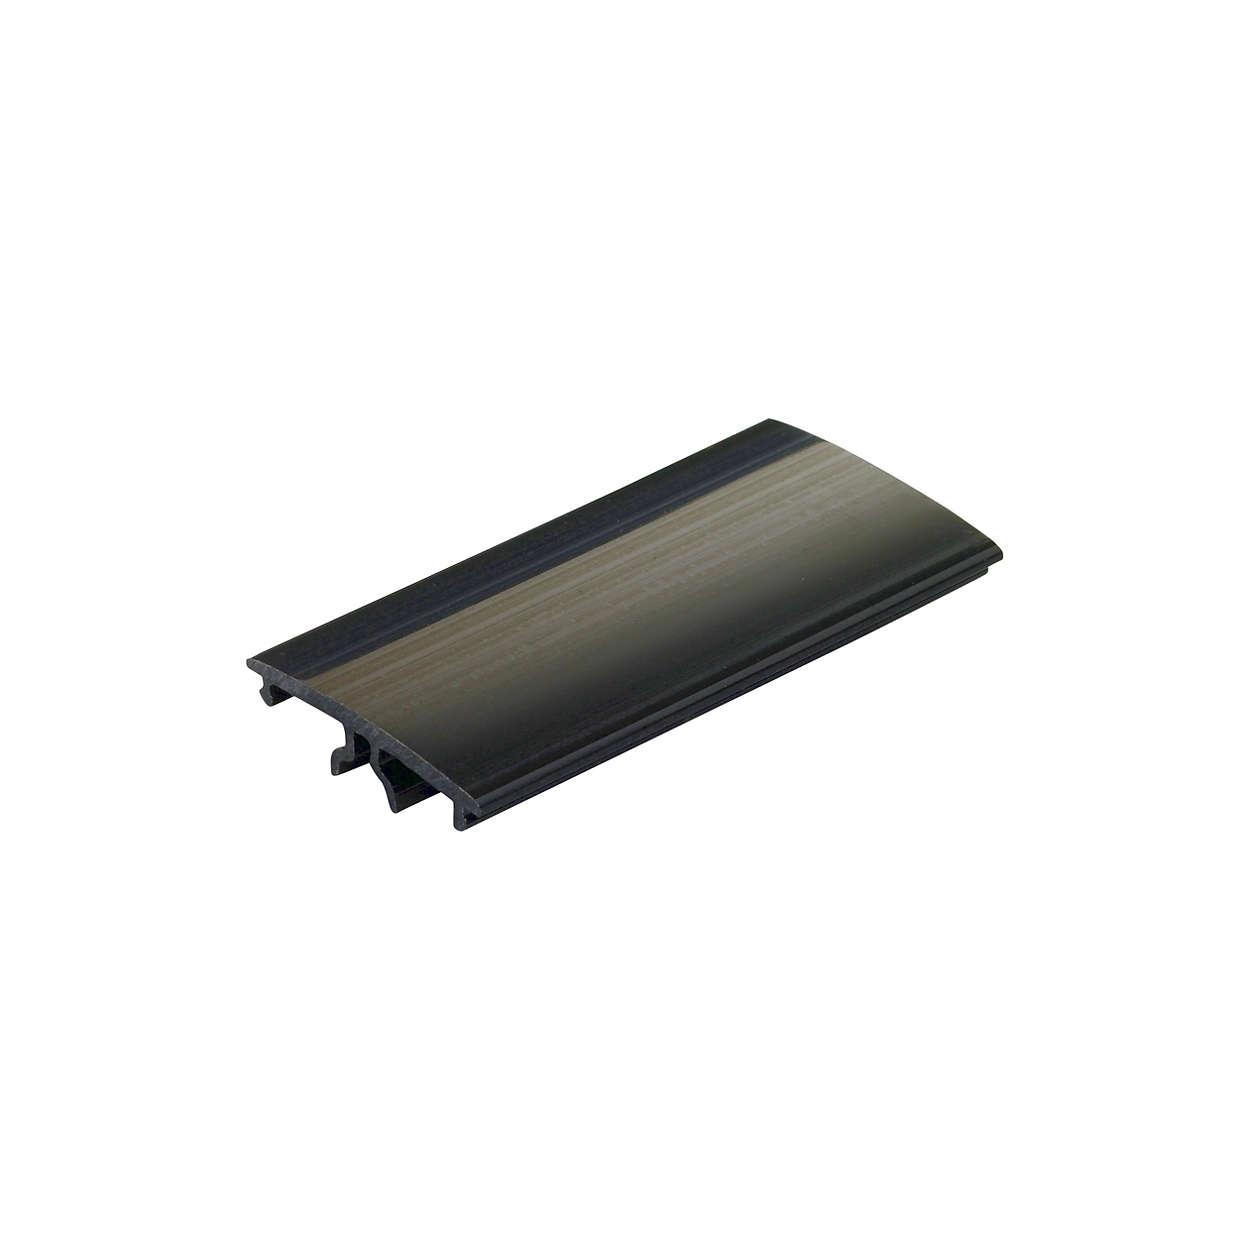 iColor Flex LMX gen2 — гибкие гирлянды, состоящие из больших ярких светодиодных ячеек с интеллектуальным управлением светом